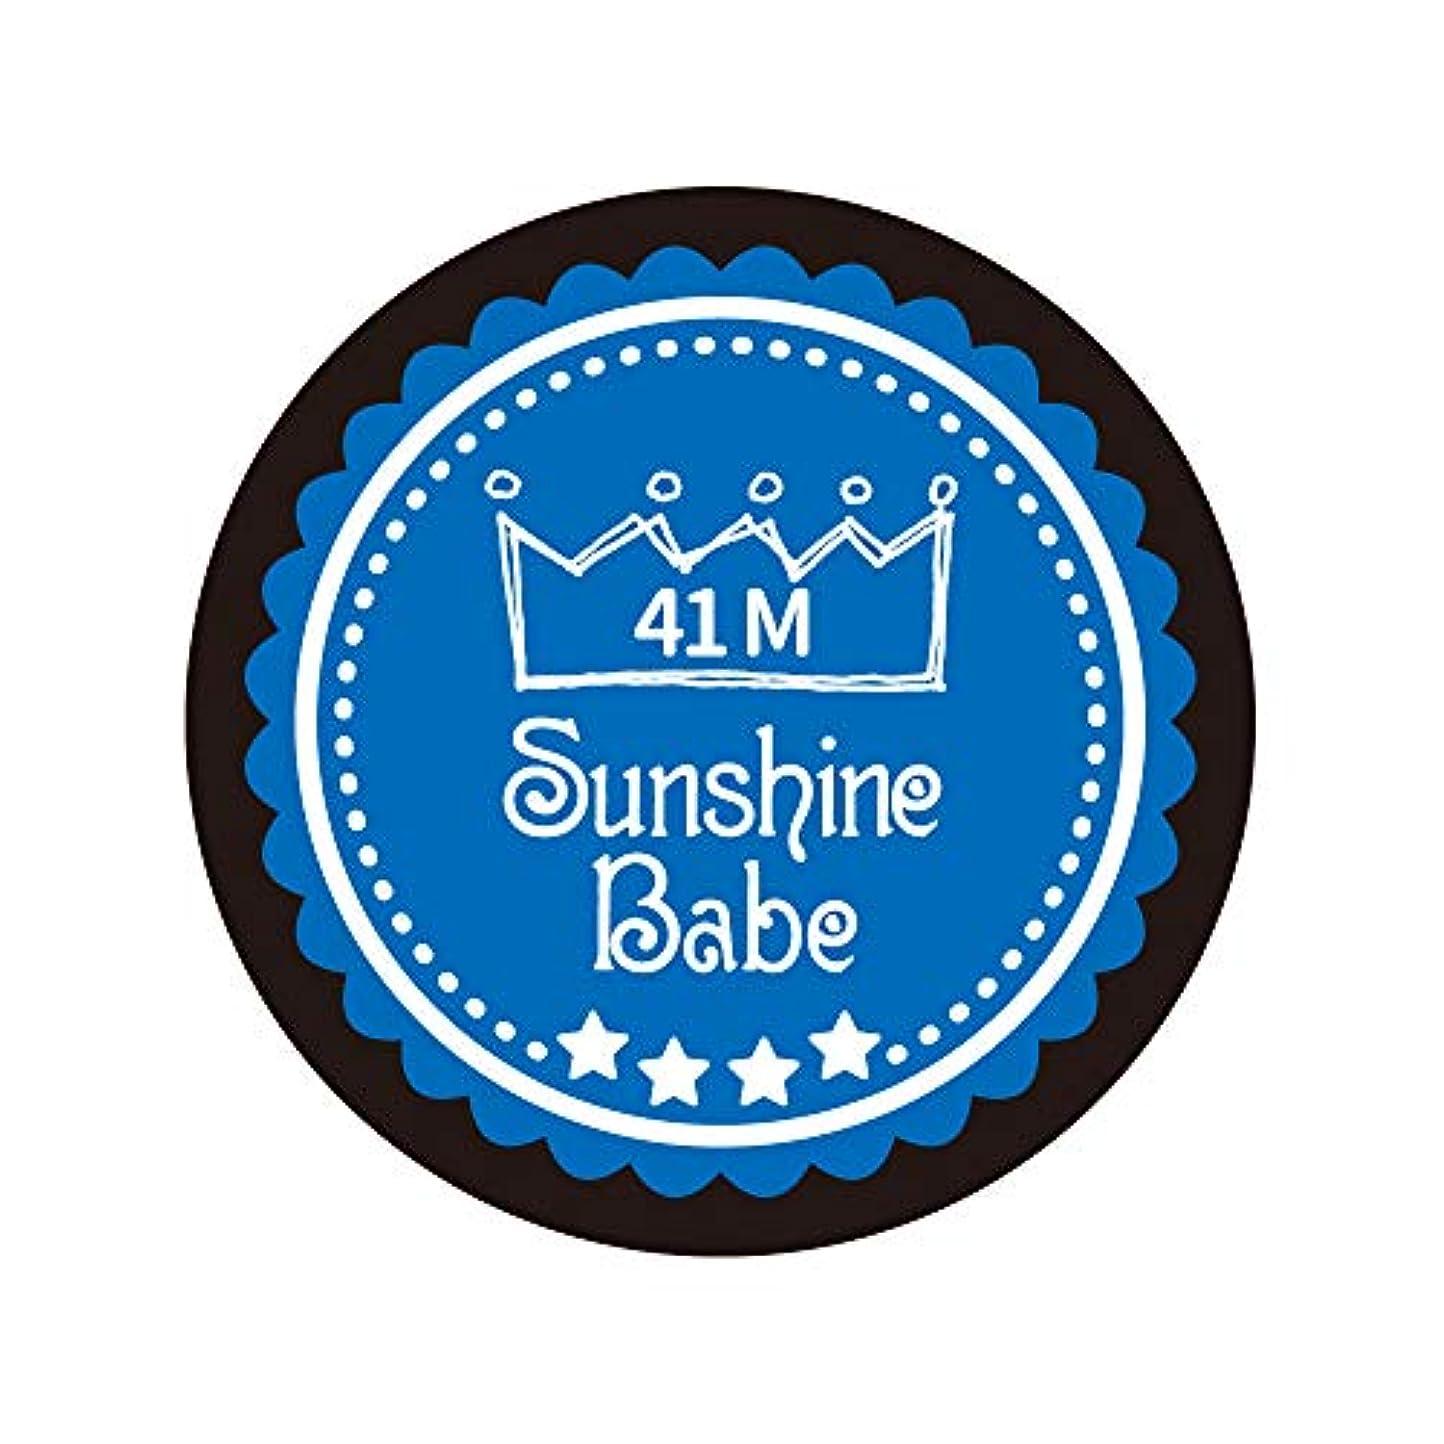 ブラジャー乳製品暴徒Sunshine Babe カラージェル 41M ネブラスブルー 4g UV/LED対応